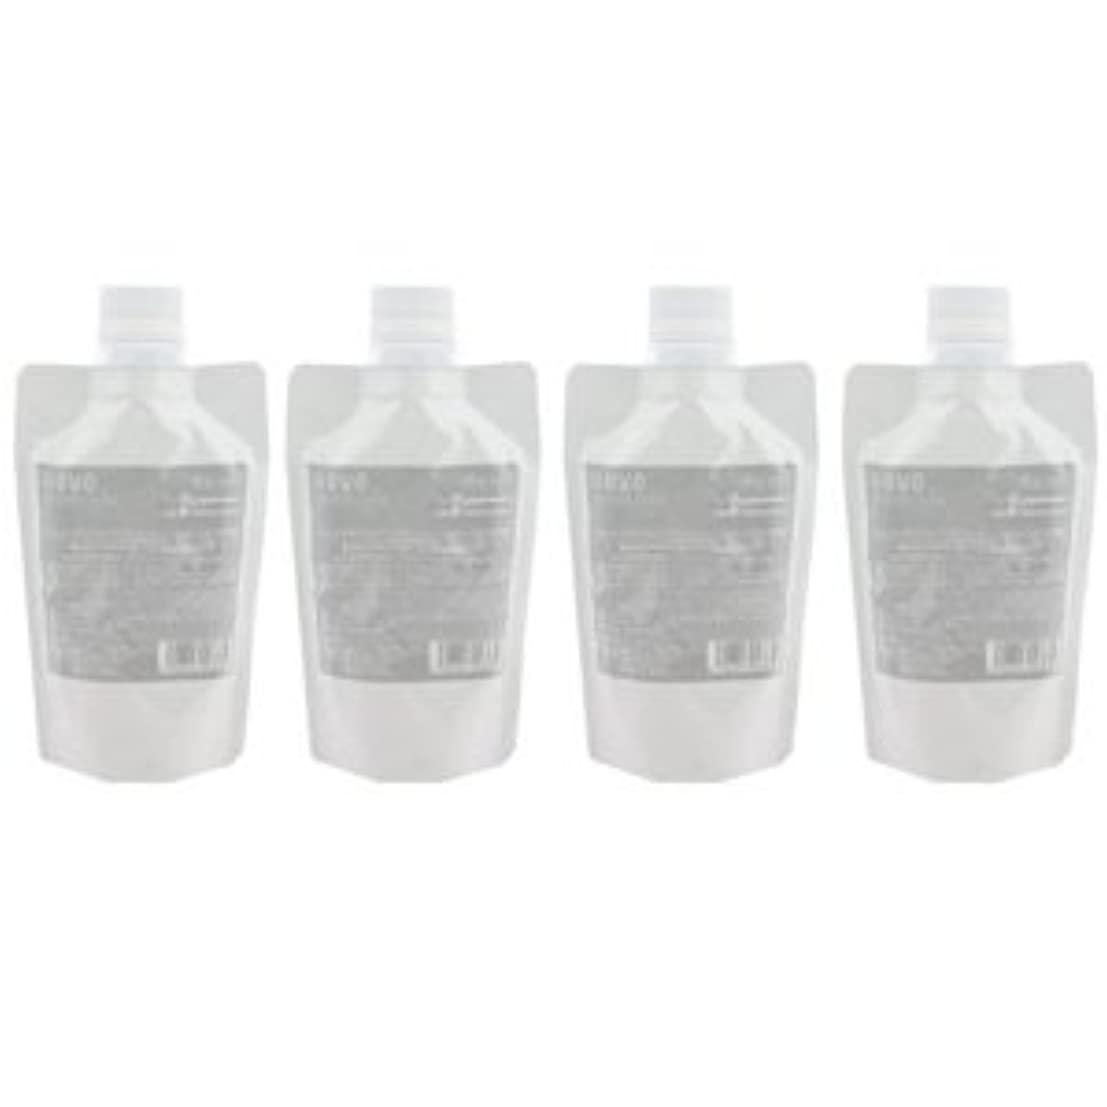 配列アーティスト手荷物【X4個セット】 デミ ウェーボ デザインキューブ ドライワックス 200g 業務用 dry wax